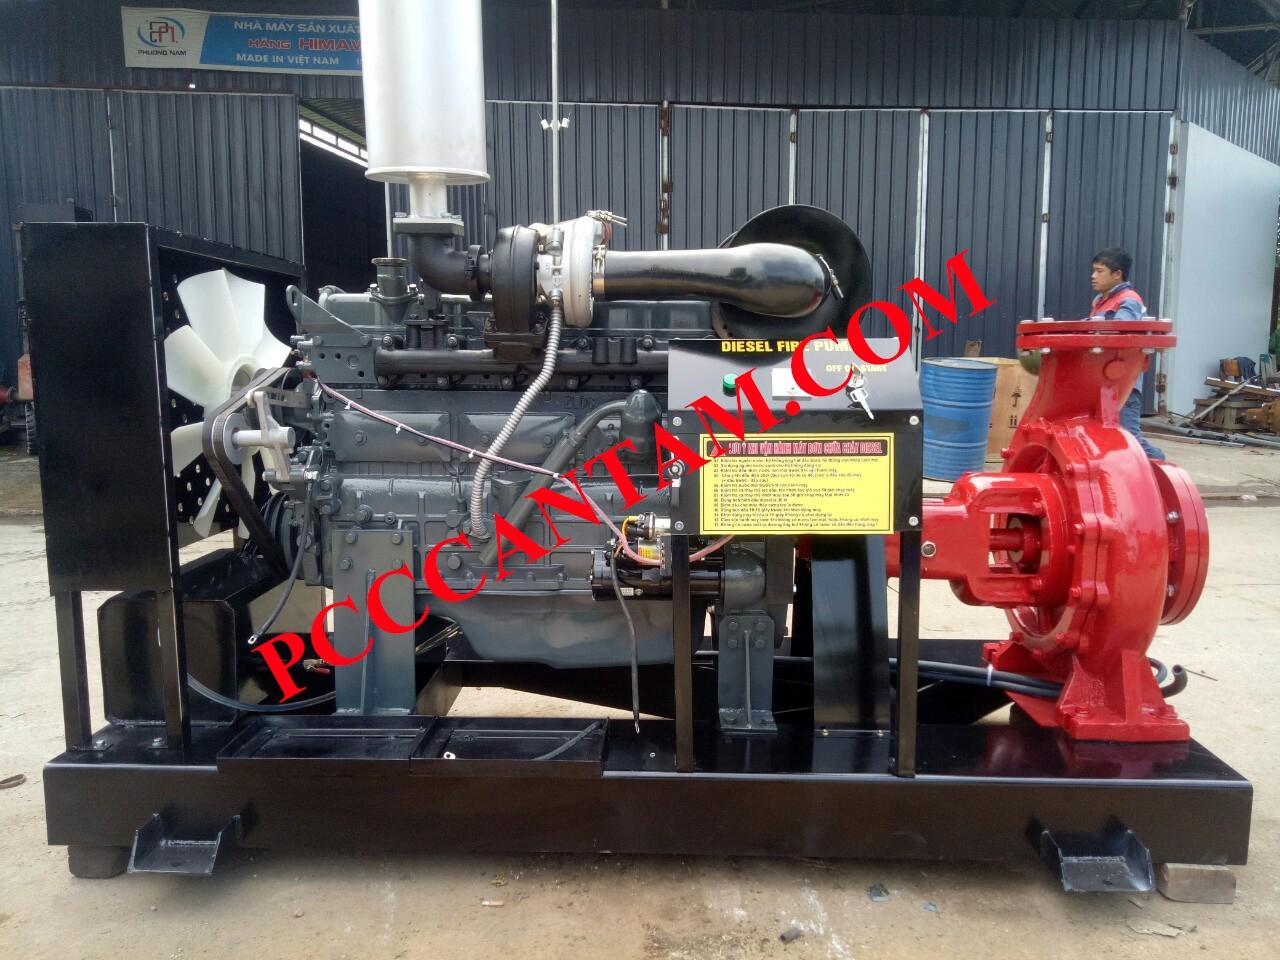 An tâm chọn mua máy bơm chữa cháy diesel tại Thái Nguyên chất lượng